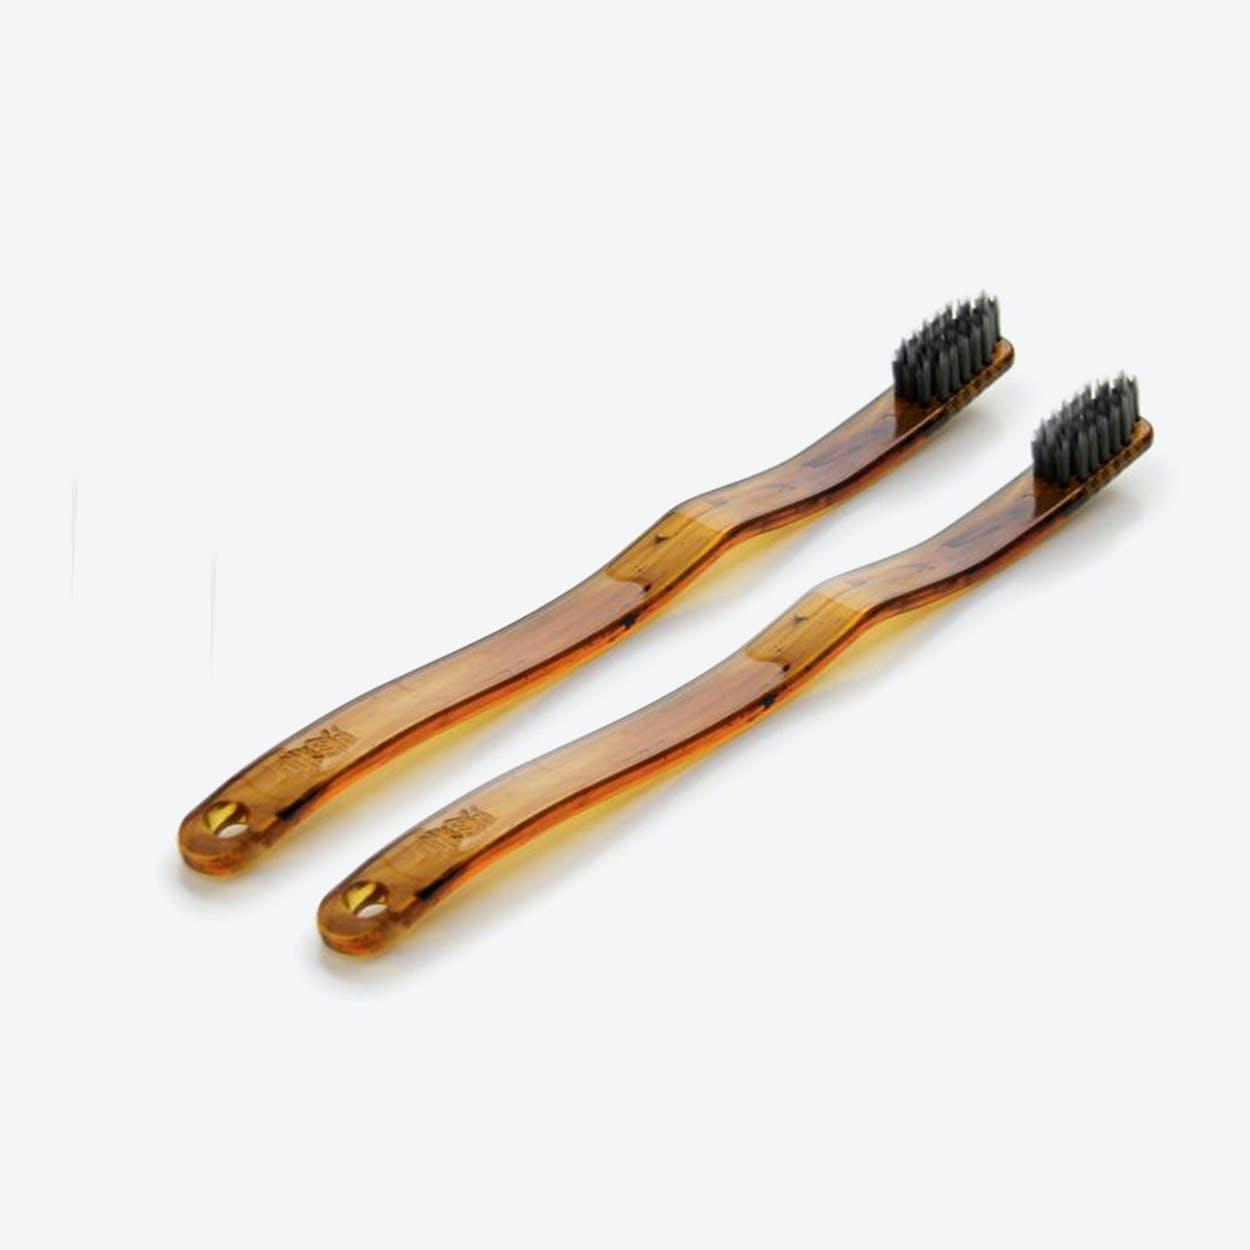 Faux Kame Toothbrush (set of 2)